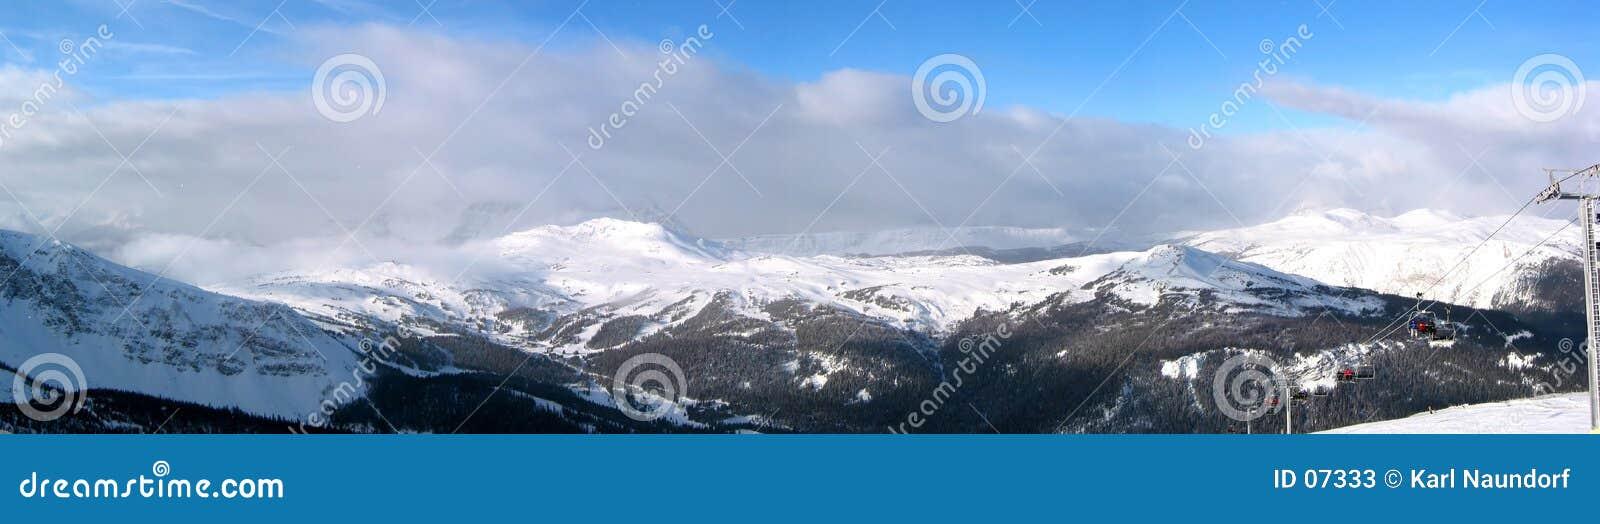 Tempestade que fabrica cerveja nas montanhas